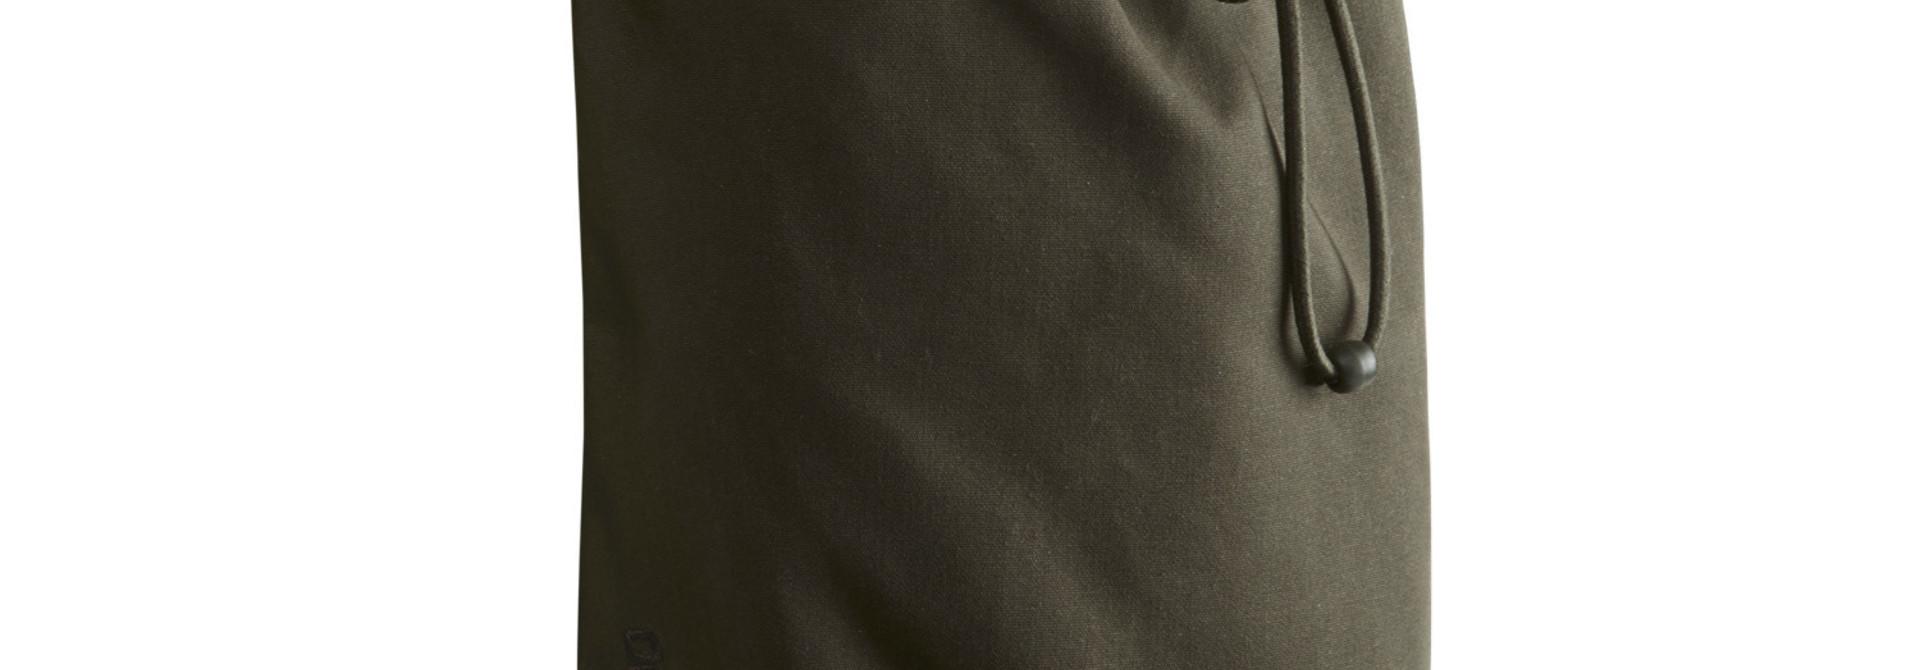 Fjällräven Singi Gear Holder Dark Olive